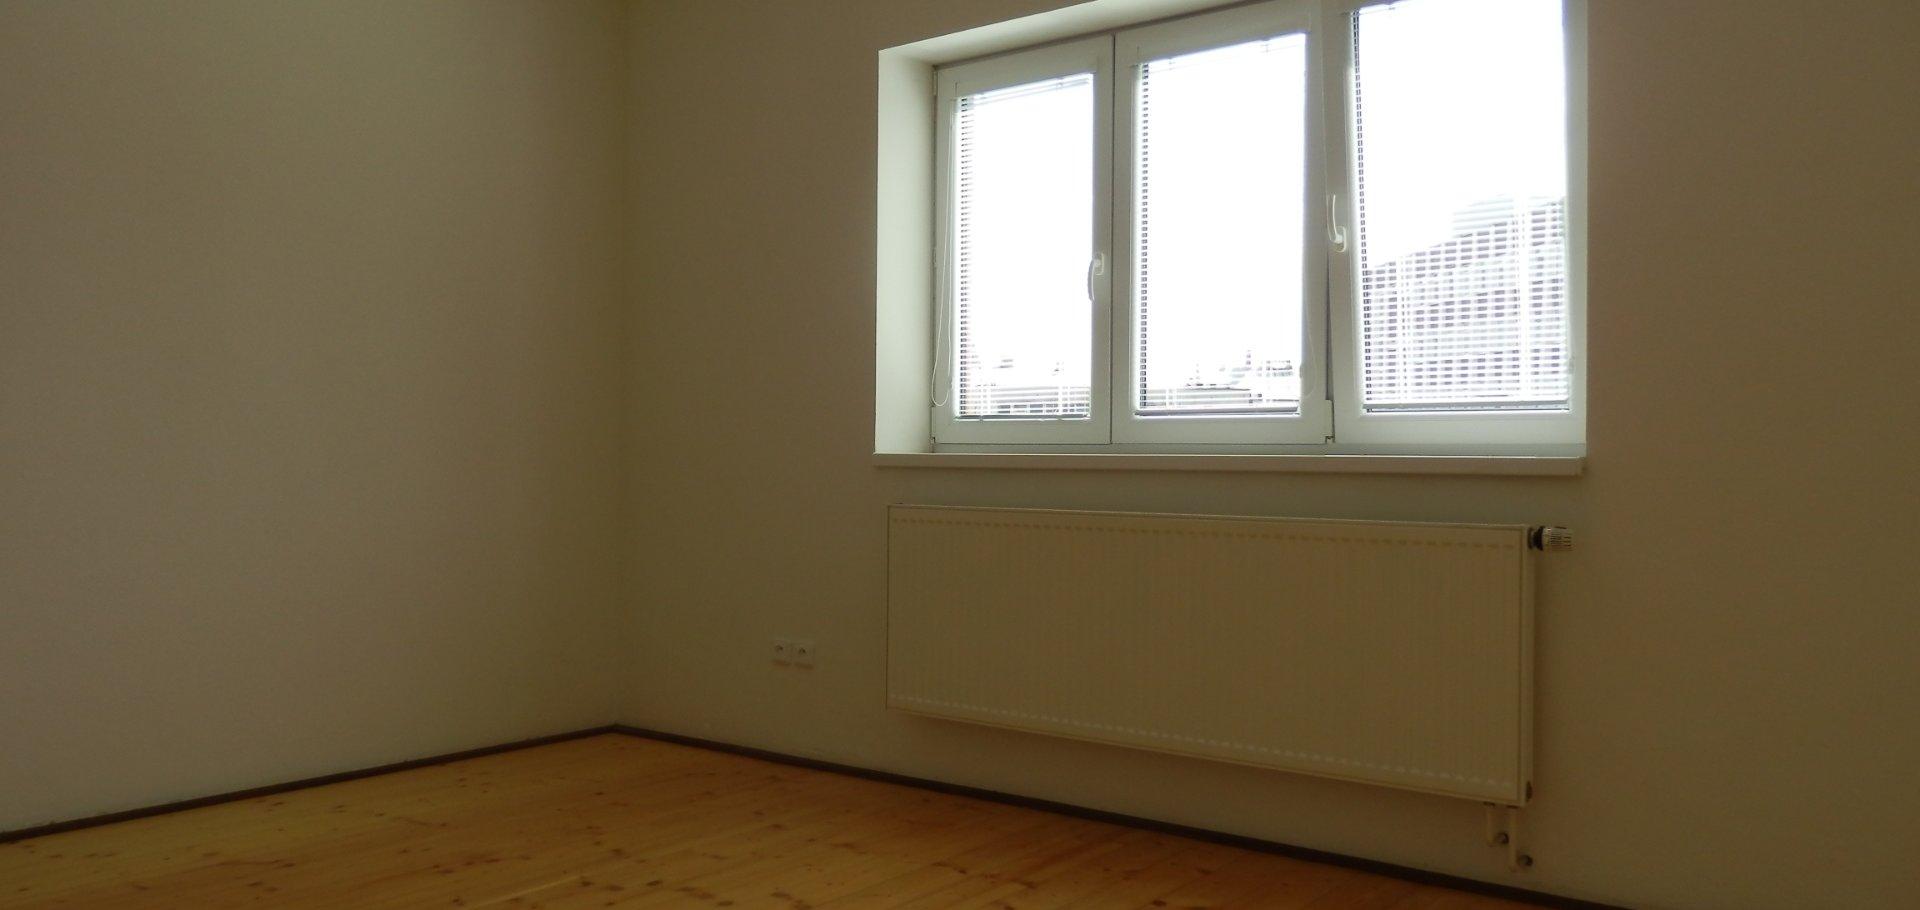 Pronájem bytu 2+KK (62m2), ul. Karola Sliwky, Karviná